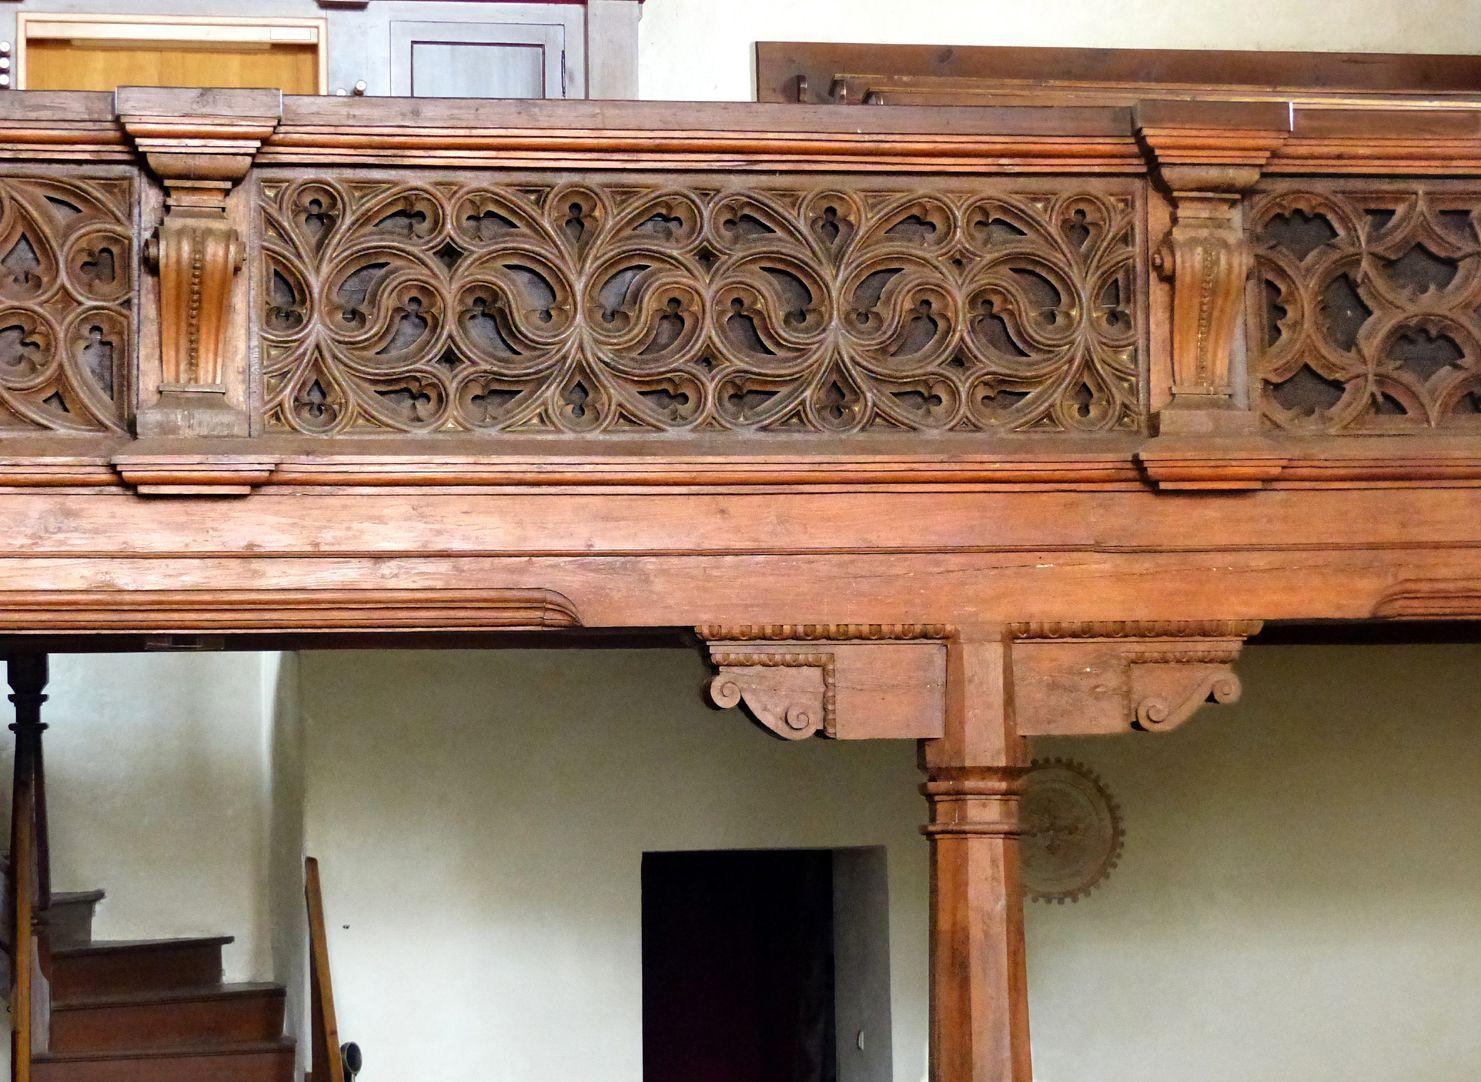 Holzemporen in der Kirche St. Marien und Christophorus, Kalbensteinberg Orgelempore, Detail